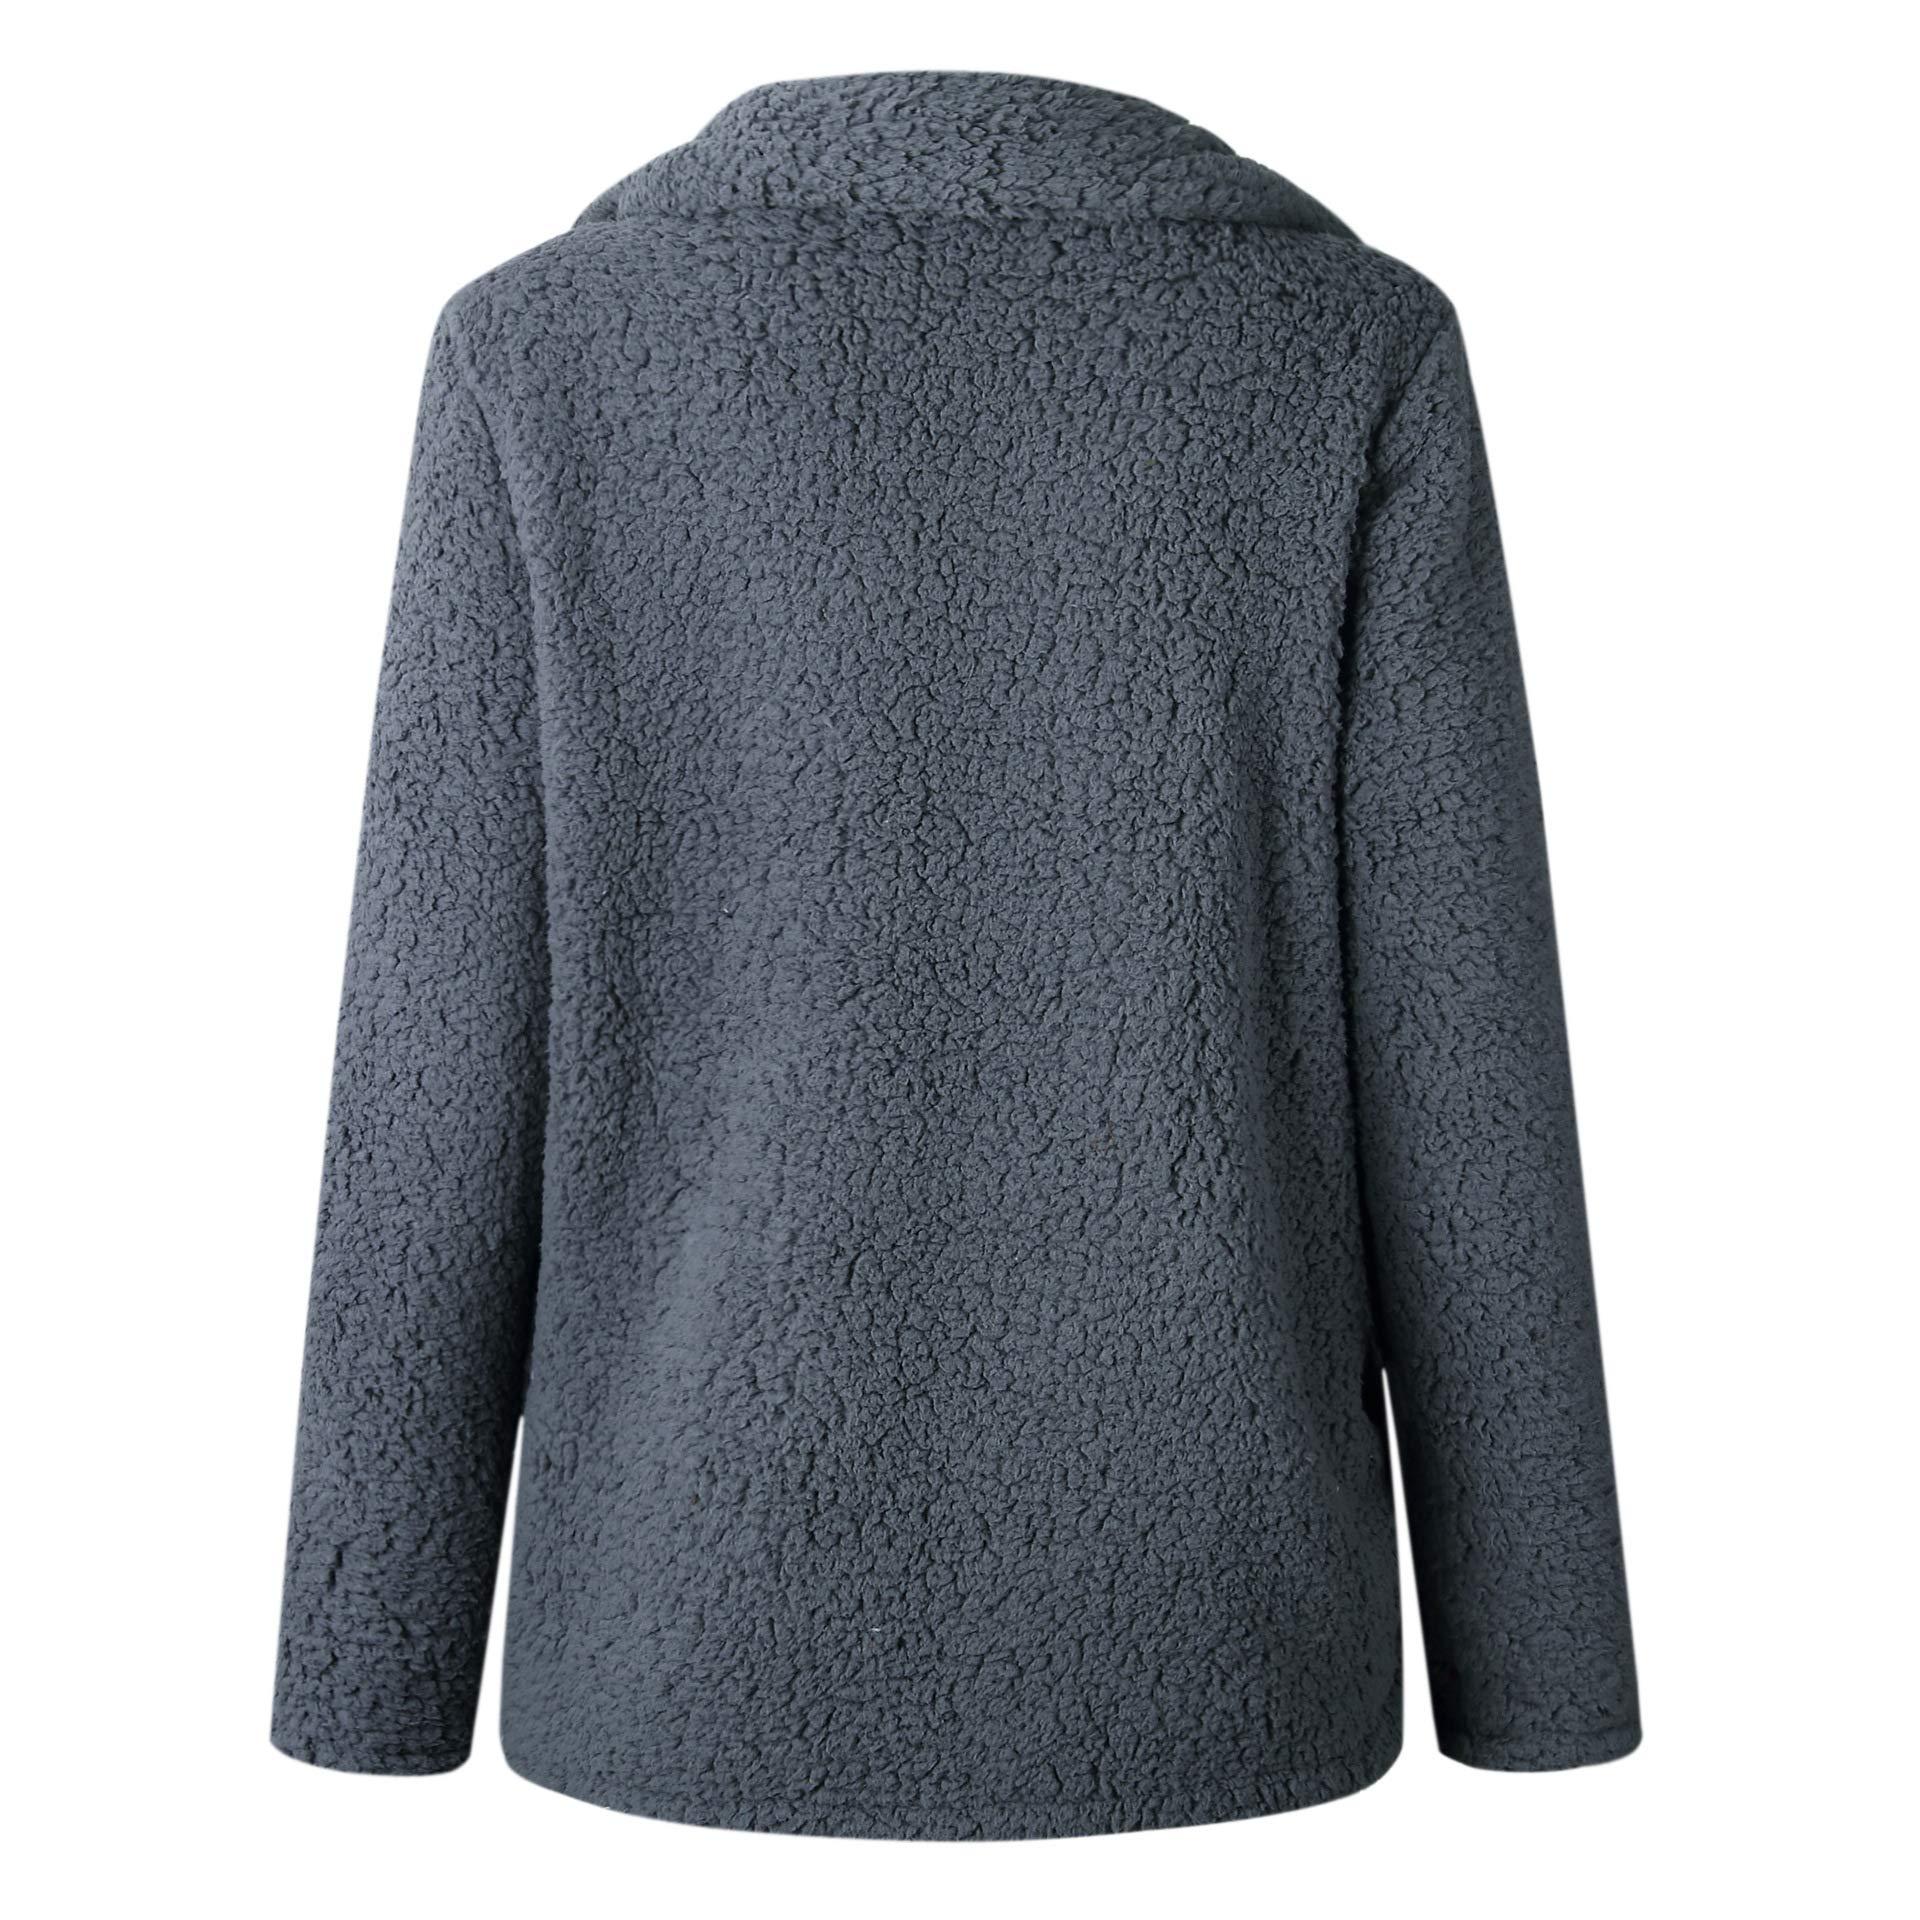 Asskdan Women's Open Front Fuzzy Cardigan Warm Fleece Jacket Coat Long Sleeve Oversized Coat Outwear with Pockets (Dark Grey, L) by Asskdan (Image #5)